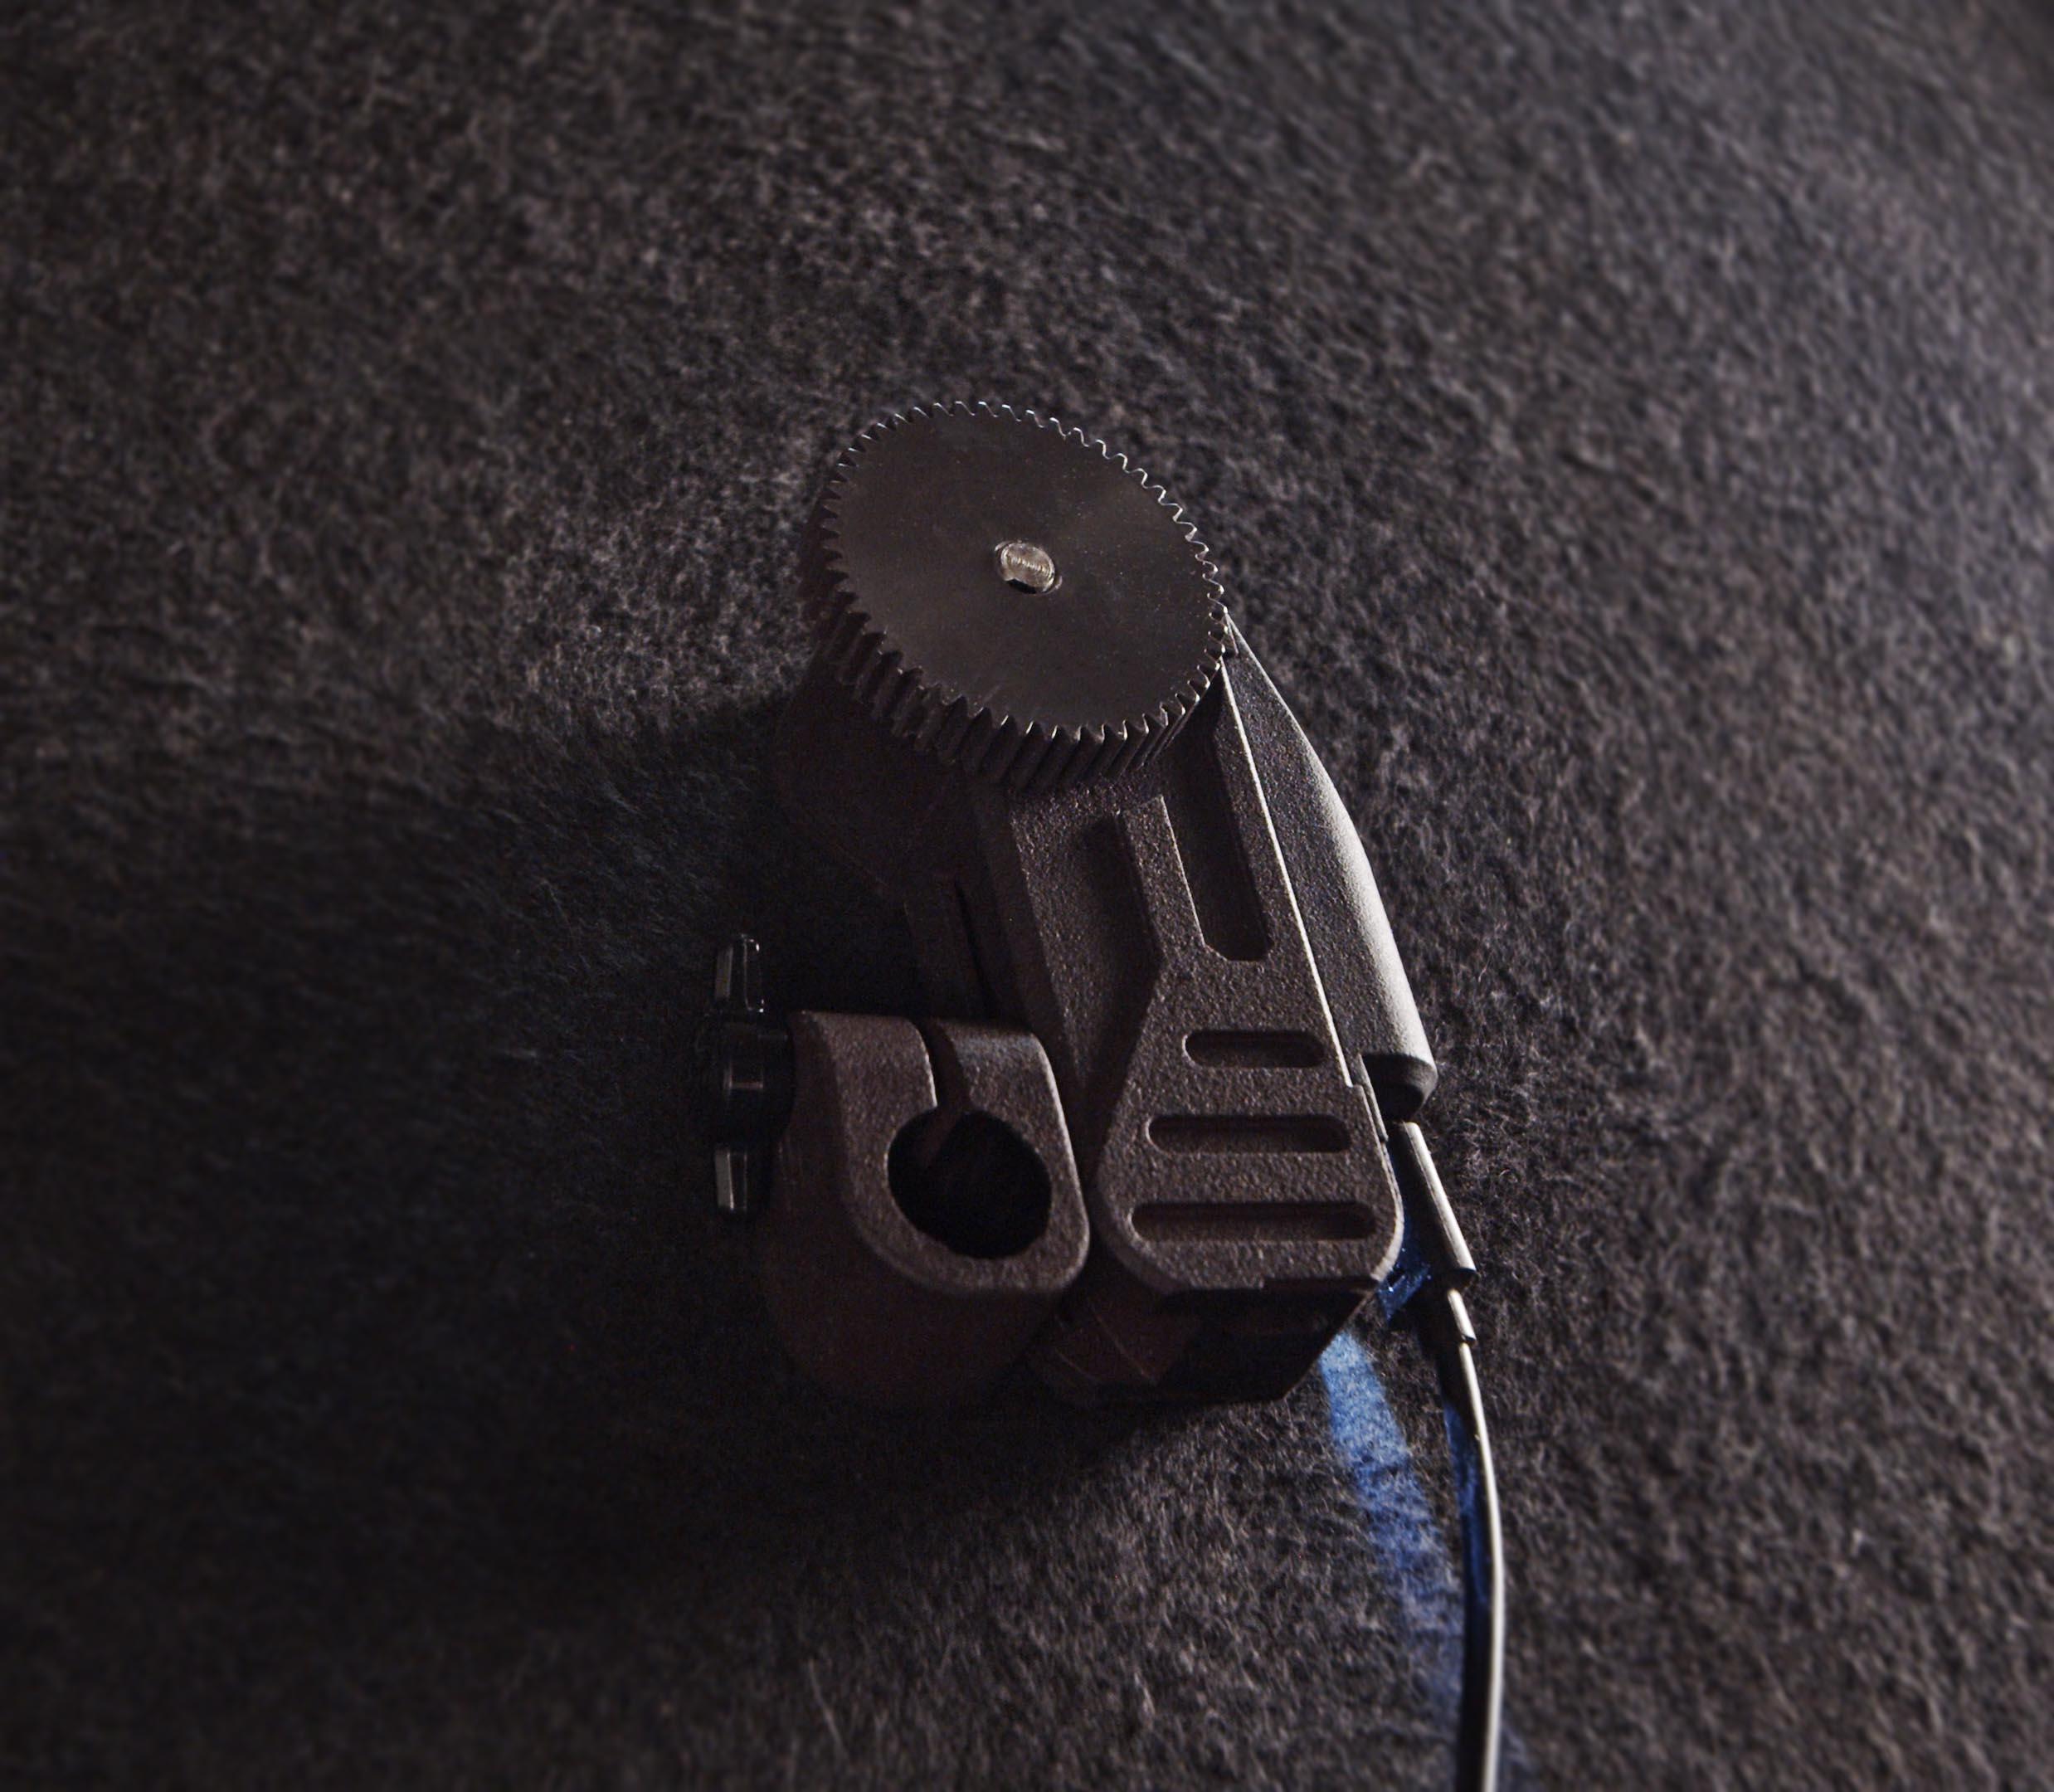 Glassmark I Lens Encoder